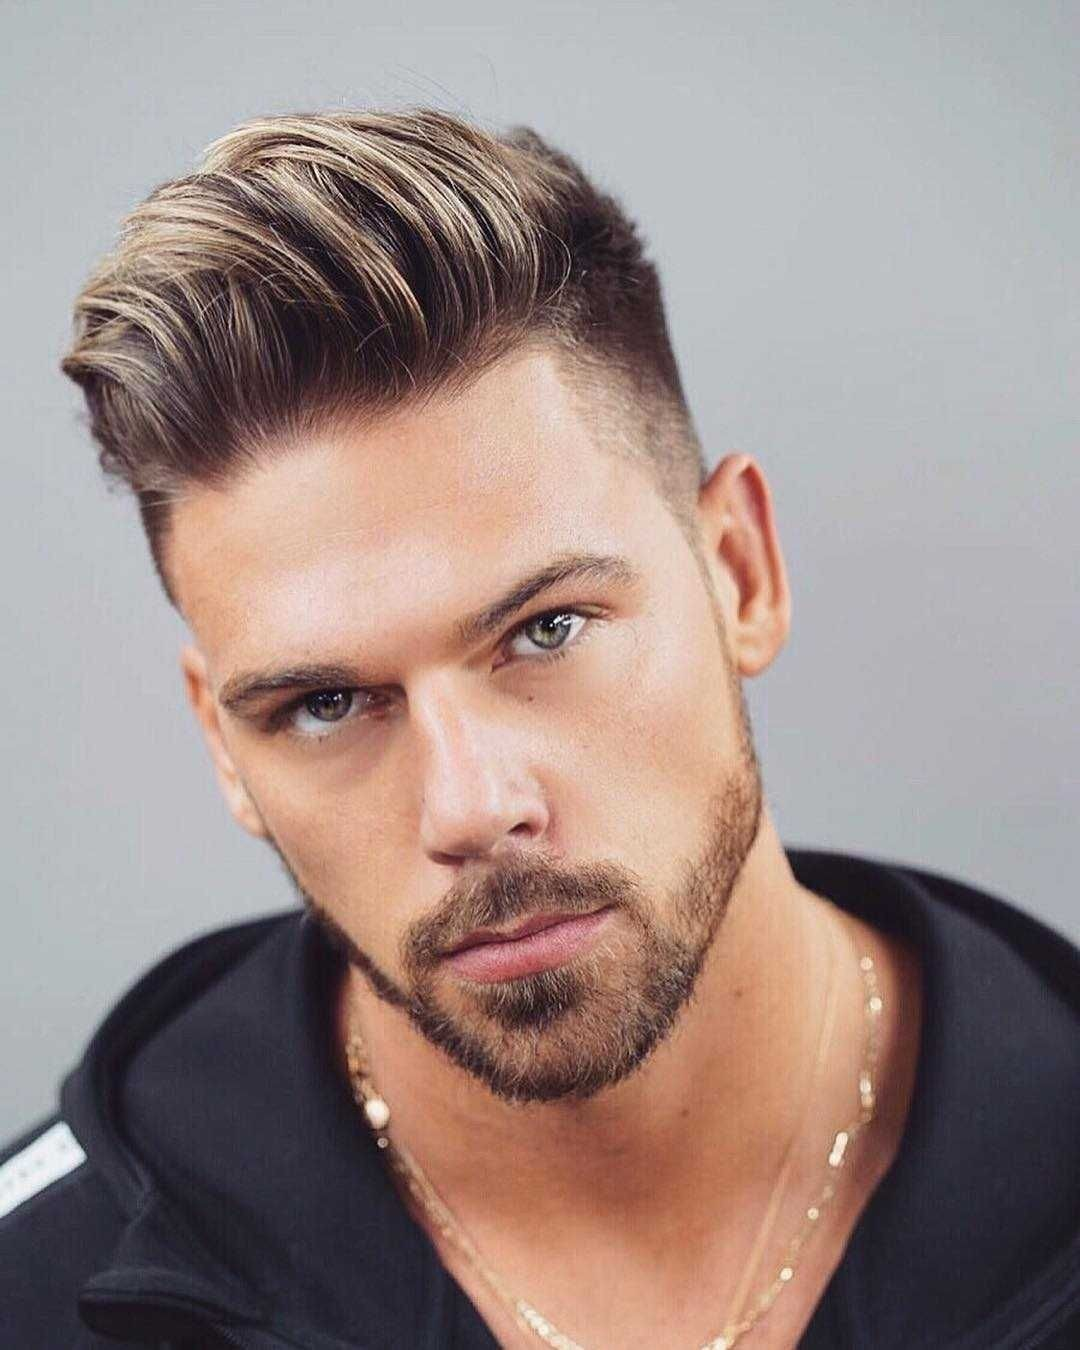 Hairstyles Haarschnitt Manner Herren Haarschnitt Herrenhaarschnitt